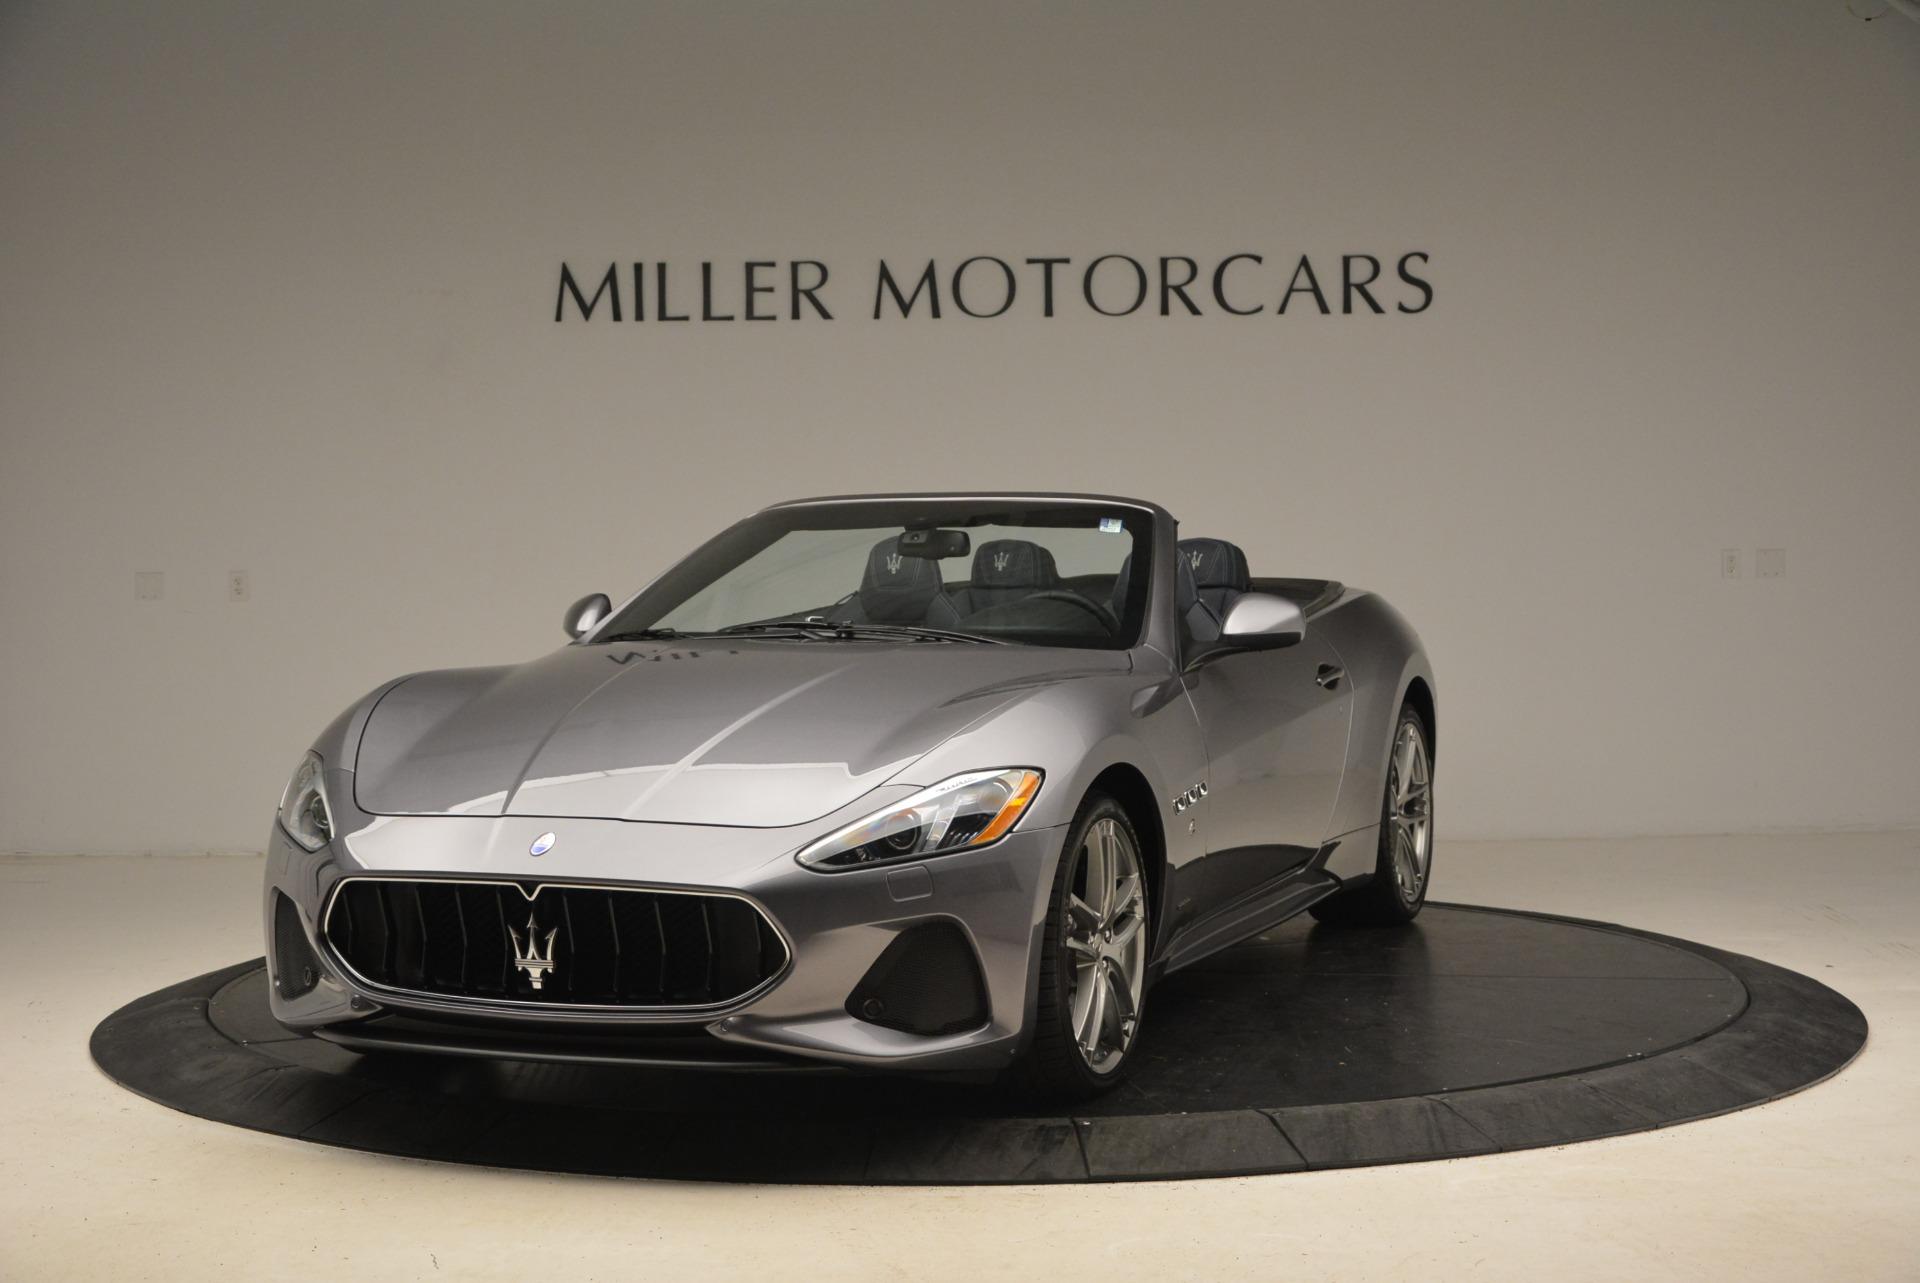 New 2018 Maserati GranTurismo Sport Convertible For Sale In Greenwich, CT 1802_p3